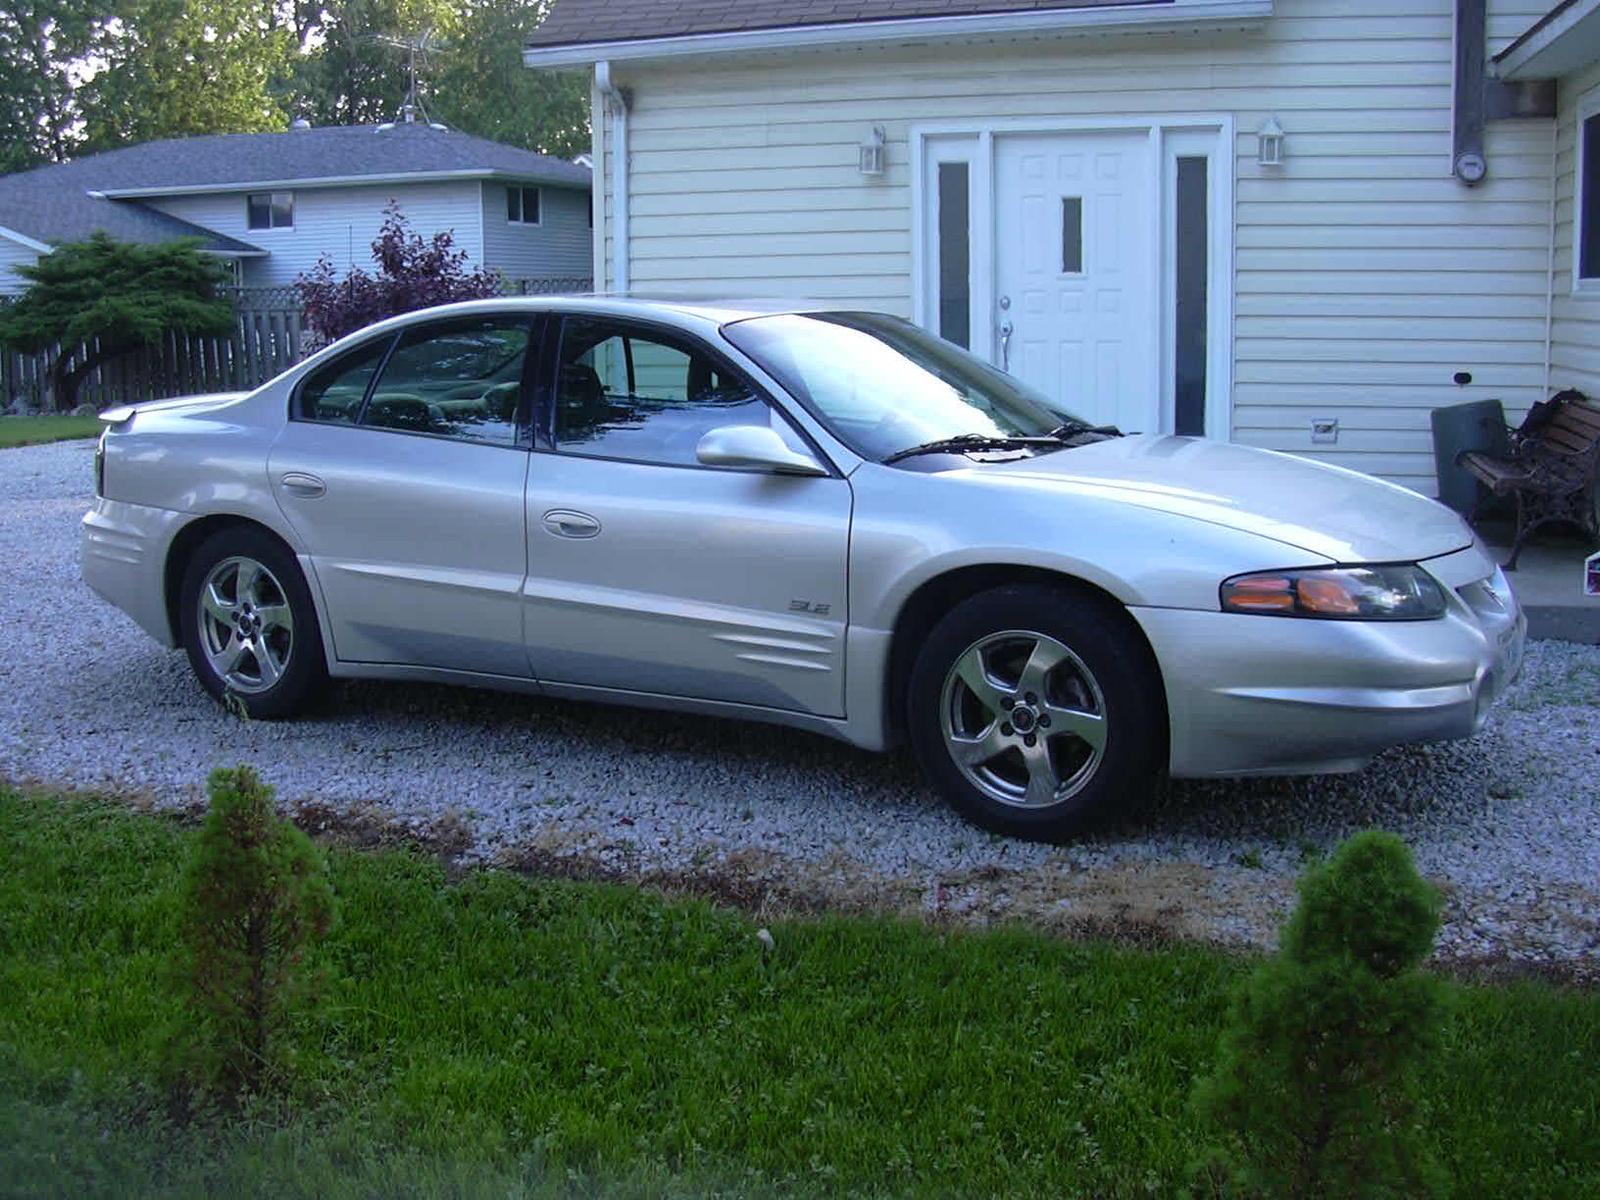 2002 Pontiac Bonneville - Pictures - 2002 Pontiac Bonneville SLE pi ...